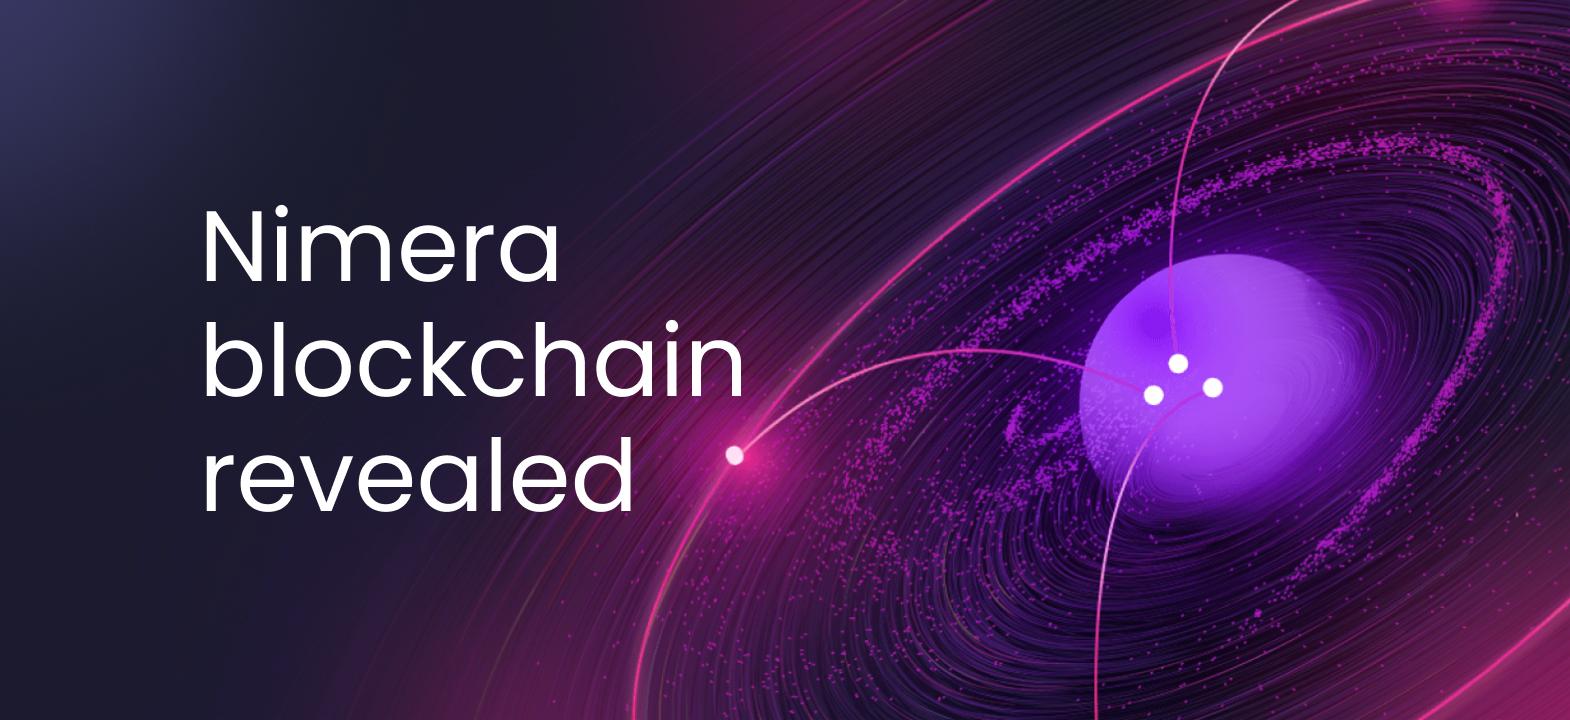 Nimera Blockchain revealed